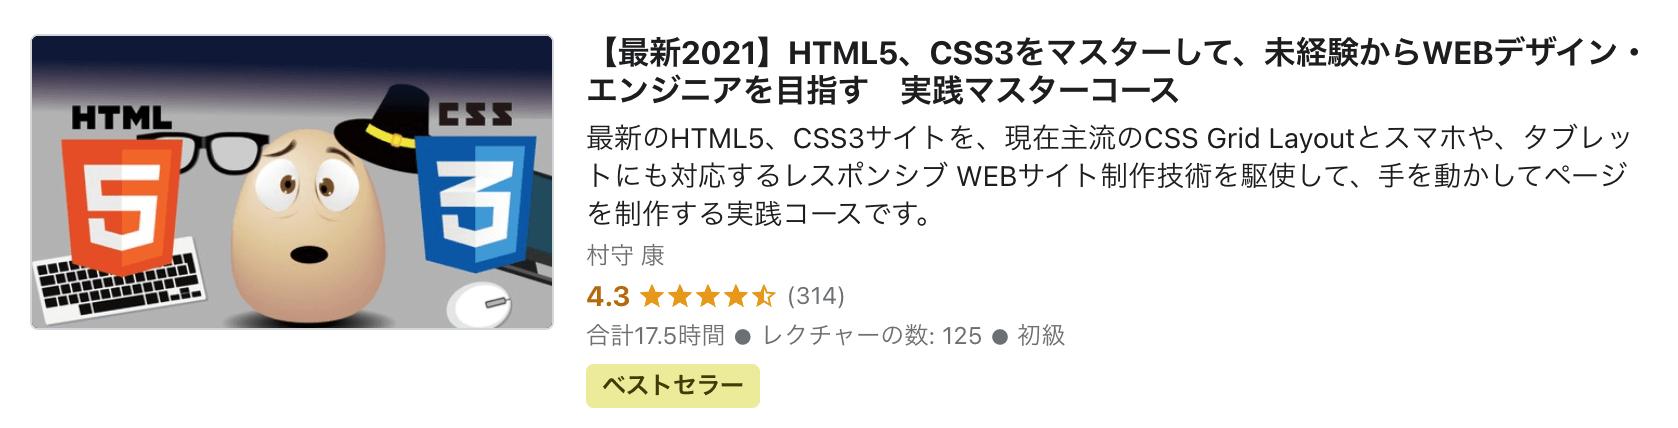 HTML5、CSS3をマスターして未経験からWEBデザイン・エンジニアを目指す